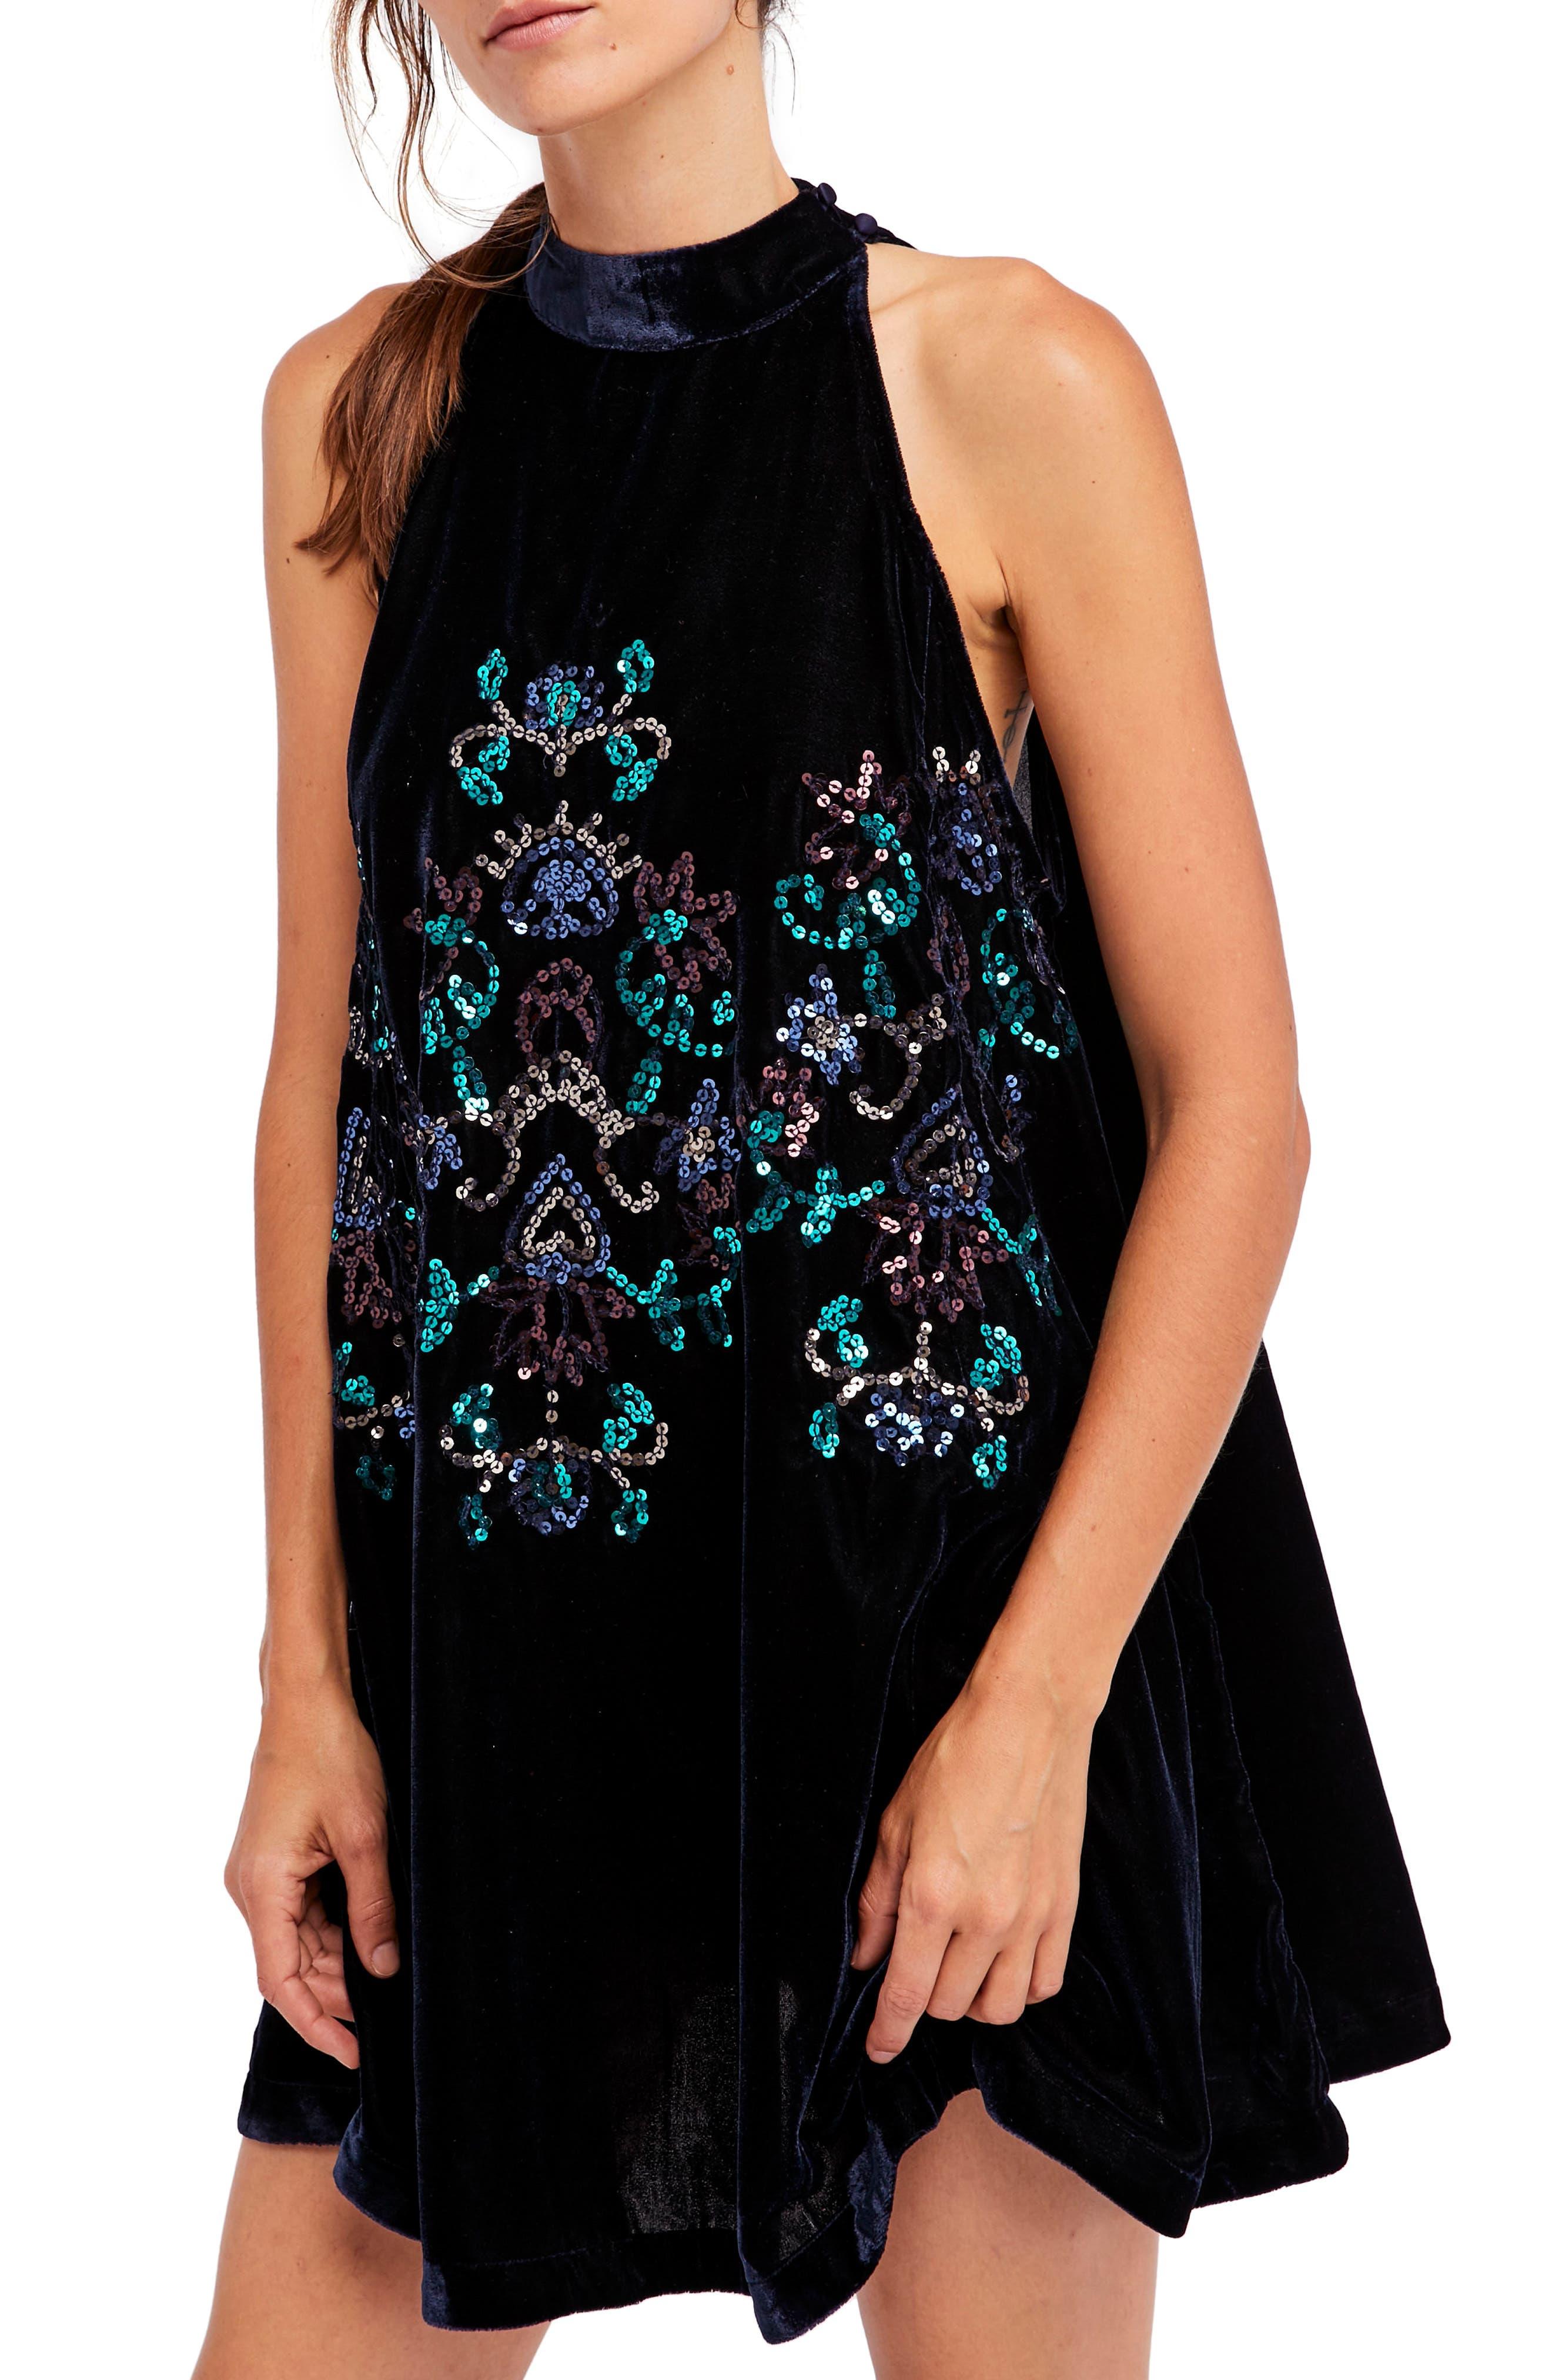 Main Image - Free People Jill's Sequin Swing Dress